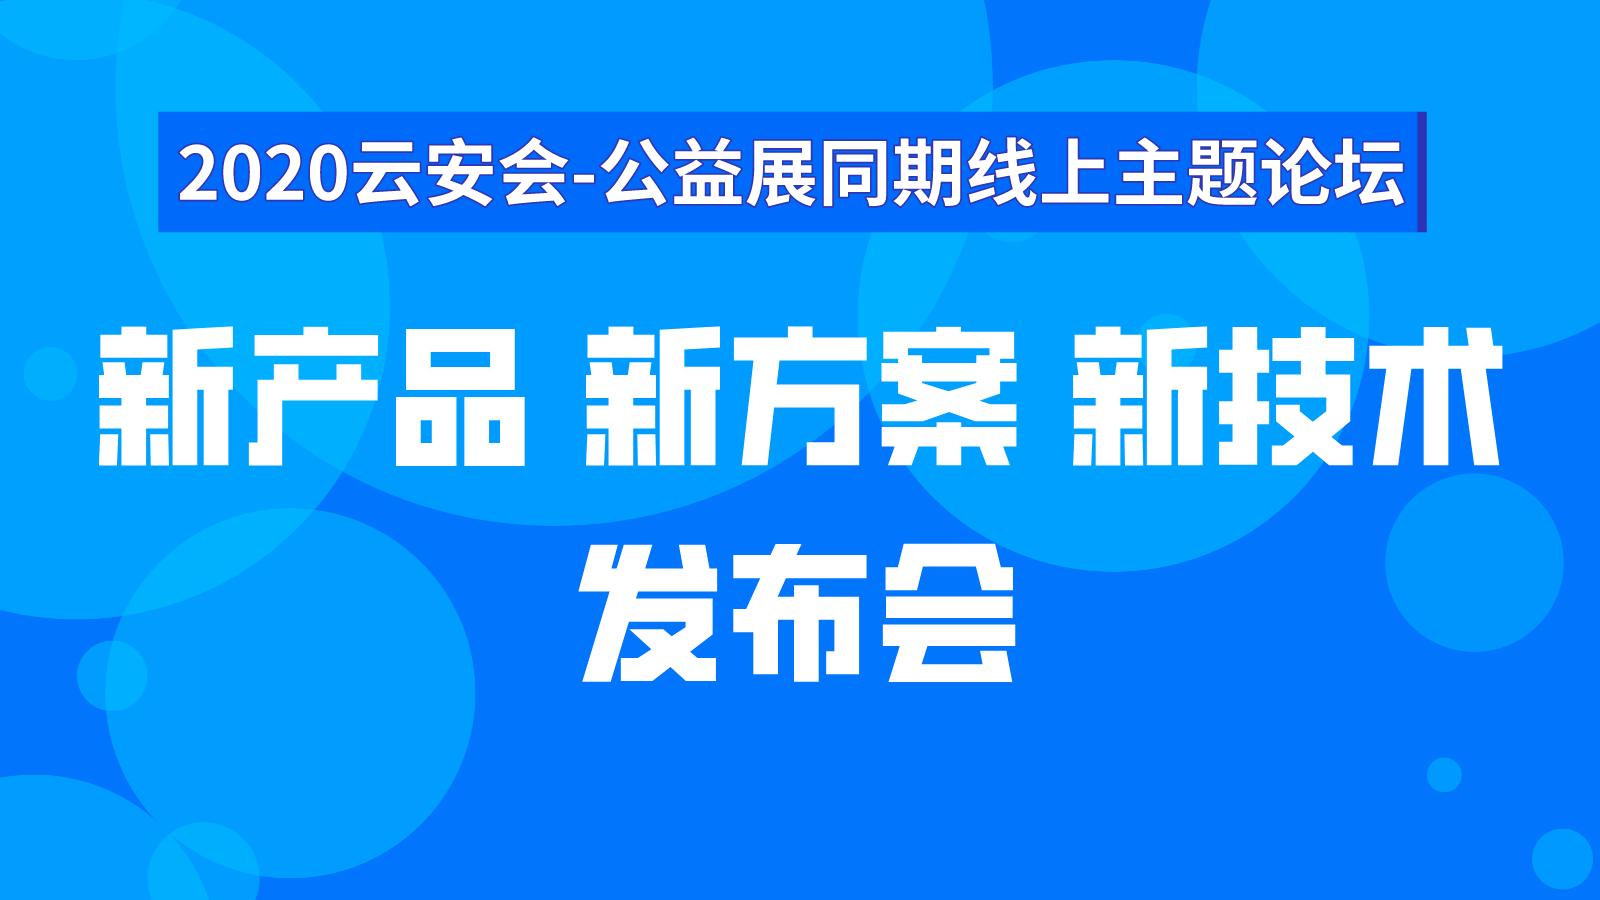 2020云安会·新产品新方案新技术发布会